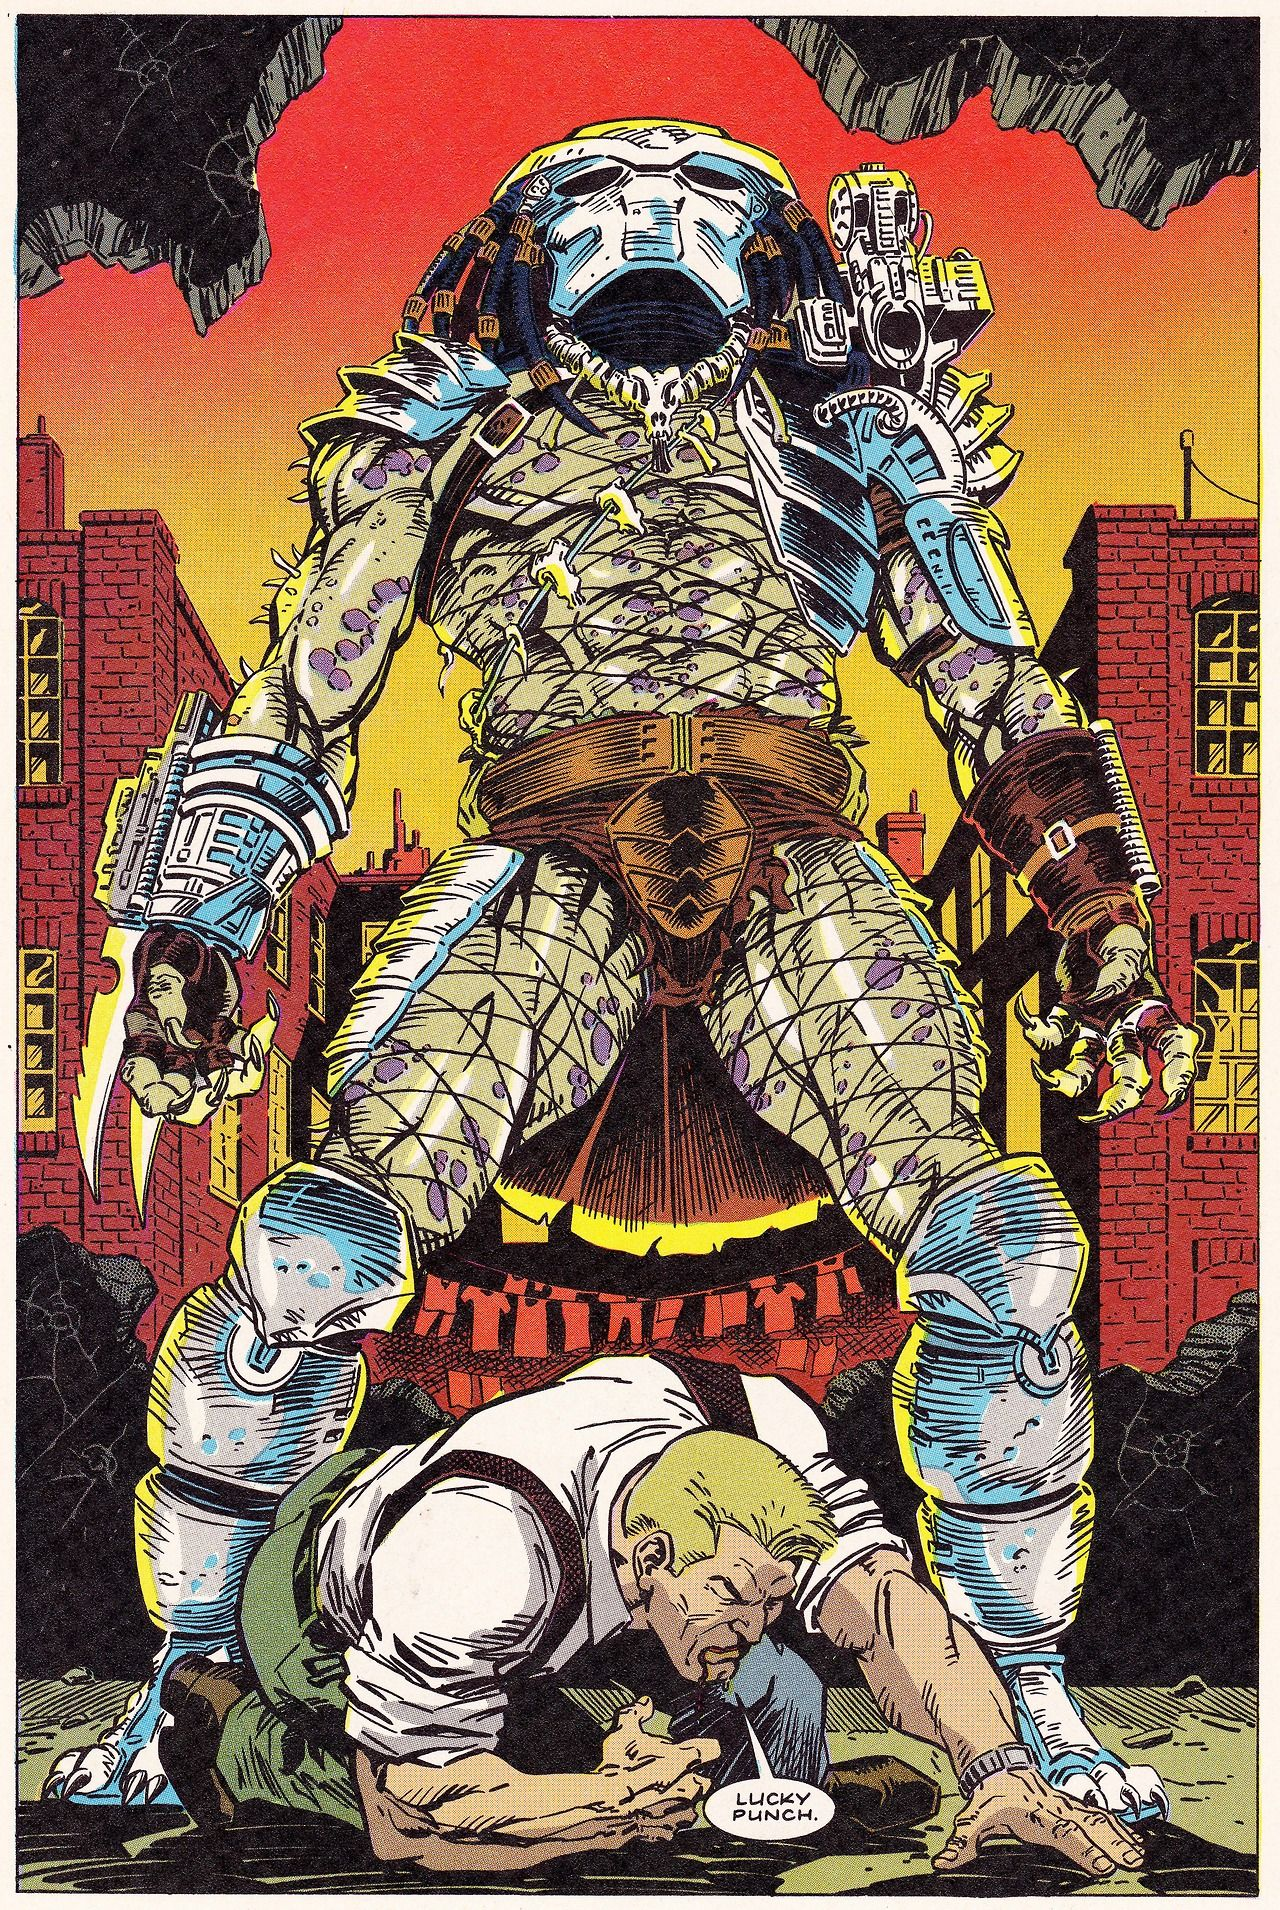 PREDATOR 1 (Sept. 1989) Chris Warner (pencils), Sam de